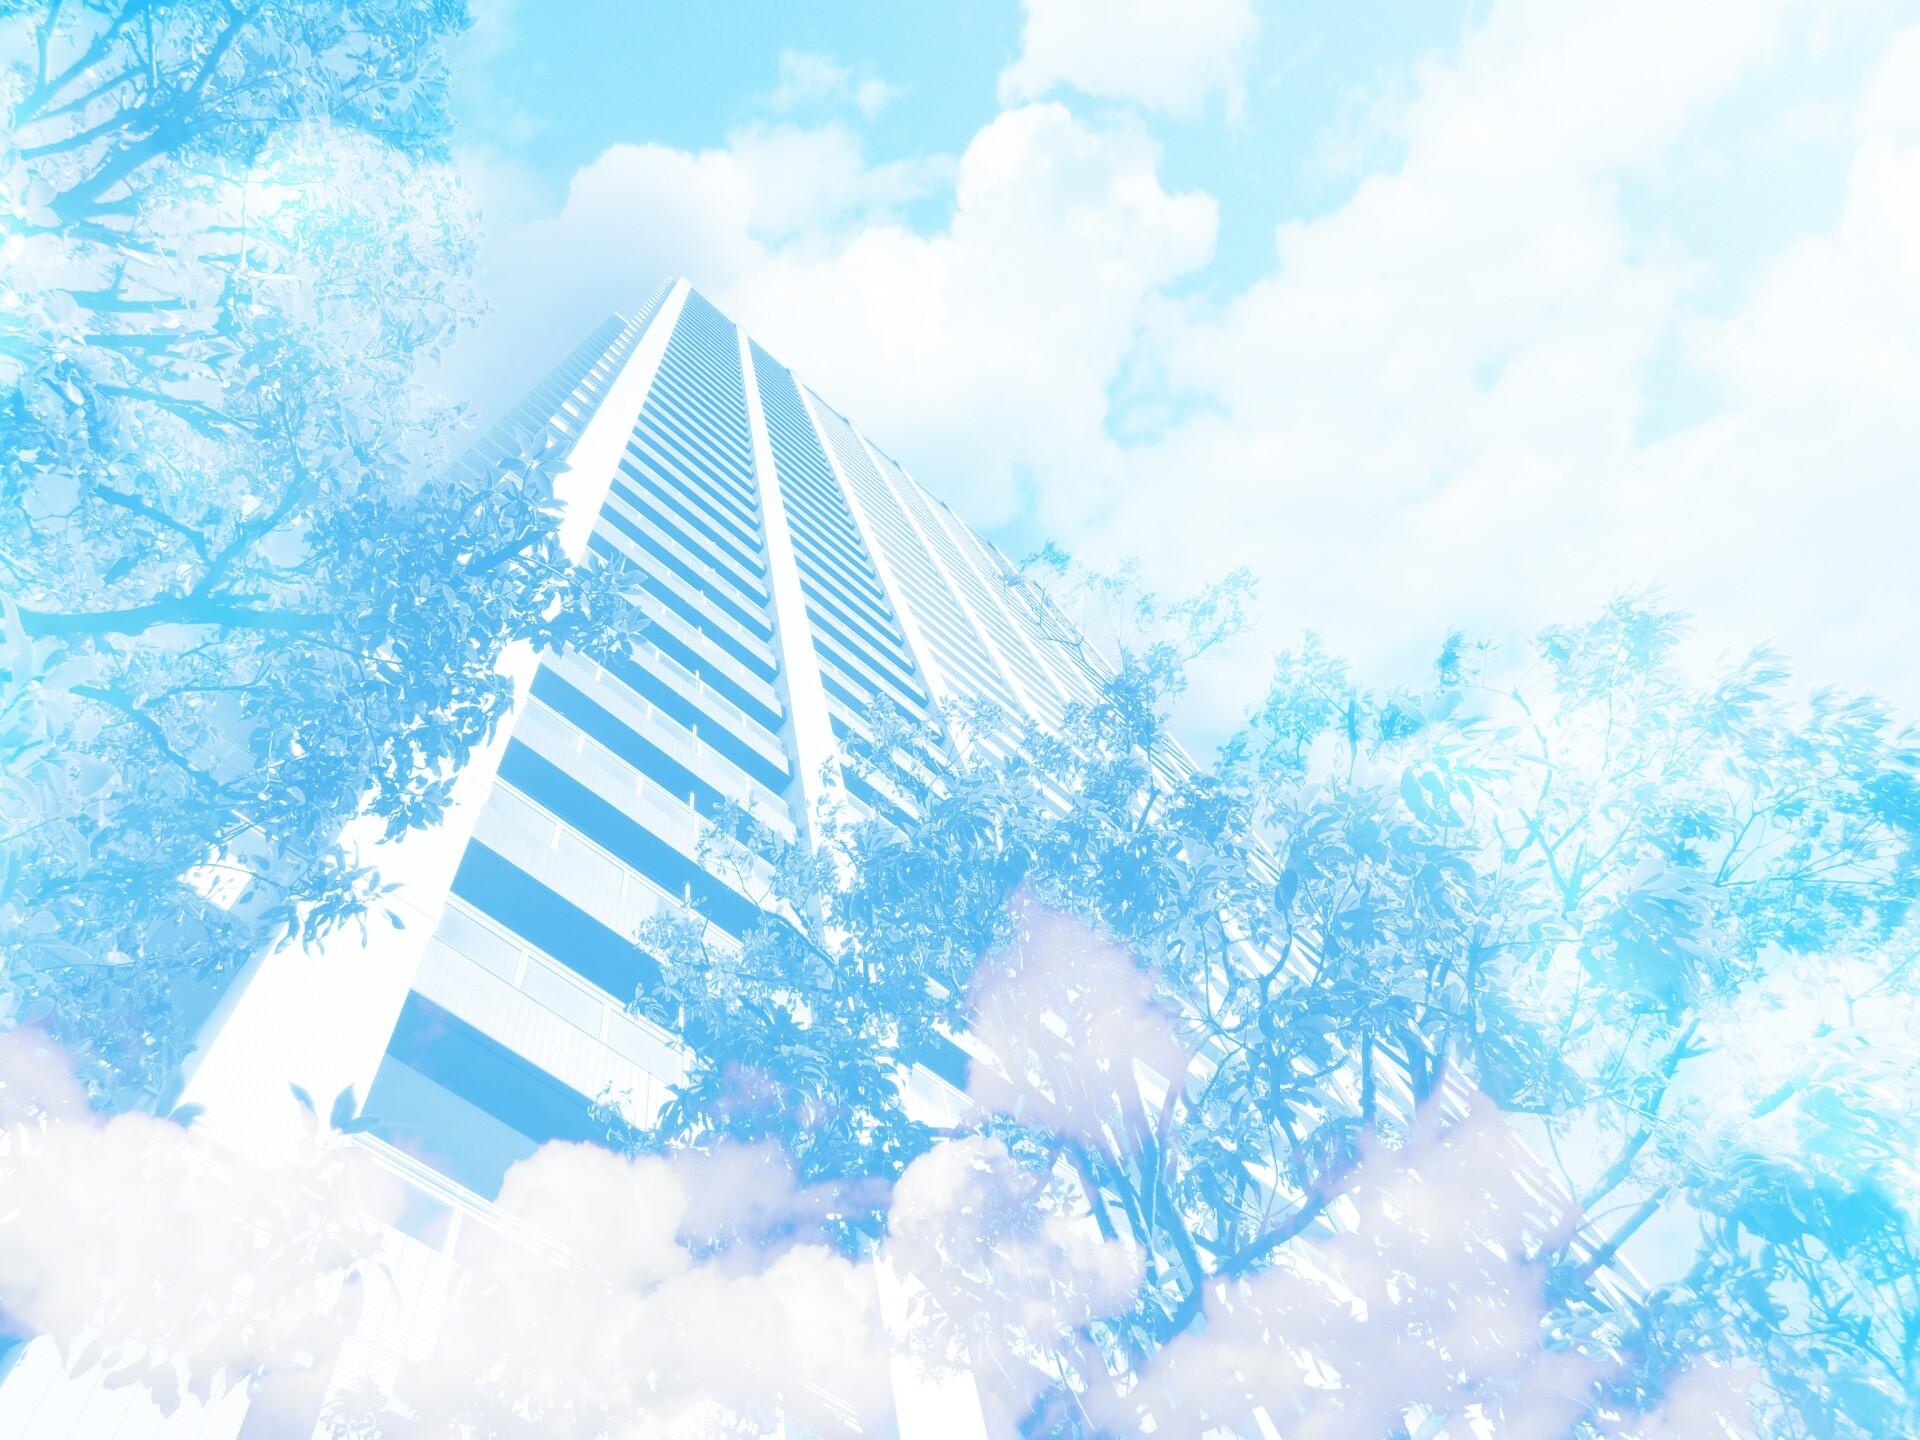 台東区のポスティング不可である高級マンション・高層タワーマンションにもチラシ広告をお届けします